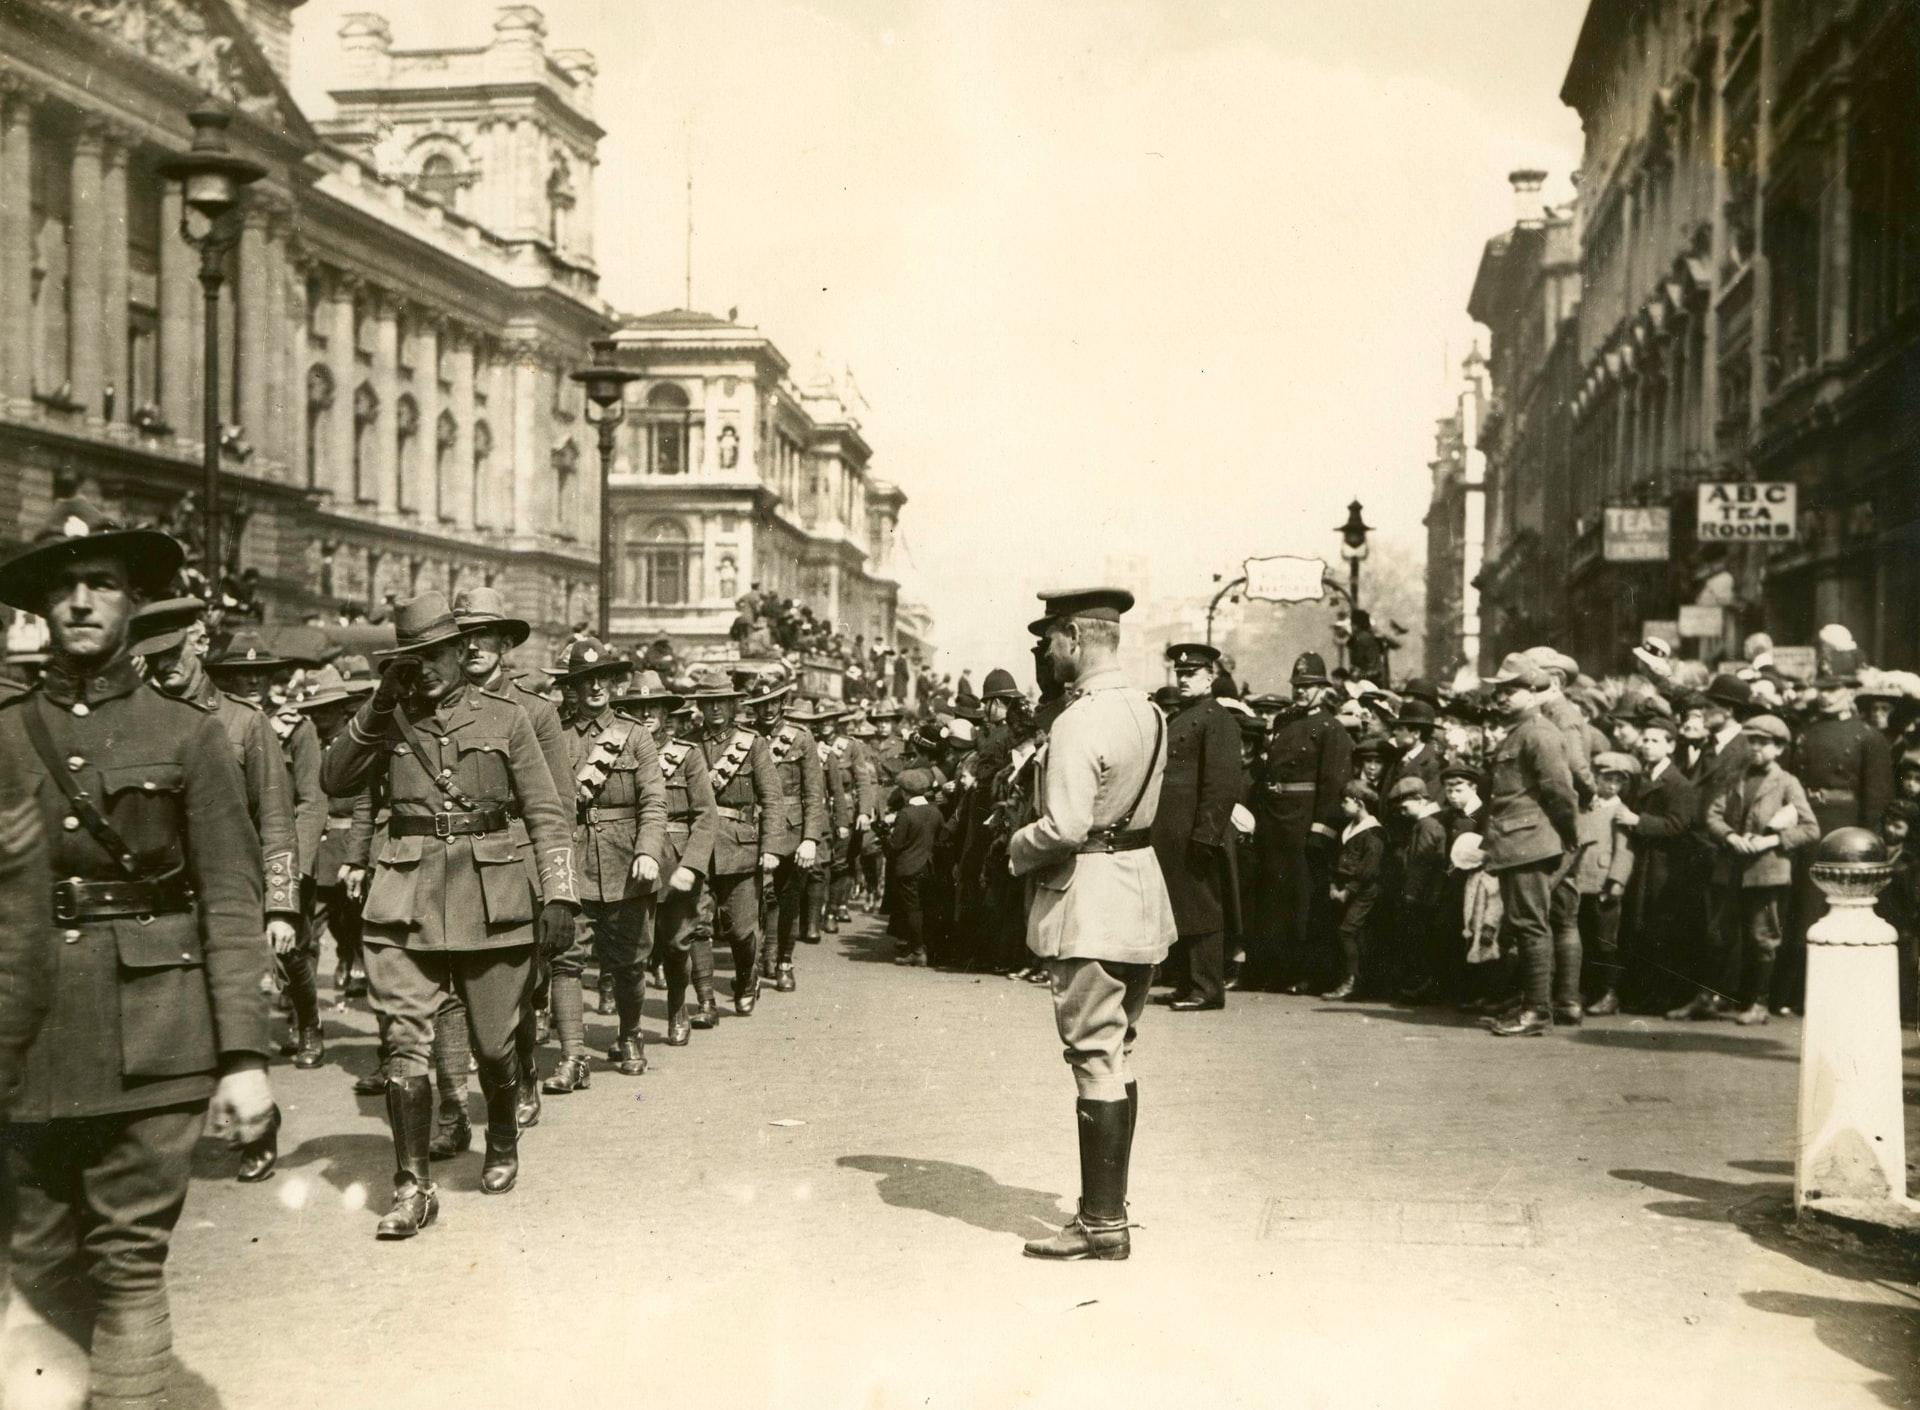 Anzac Day UK 1919 - heroic men